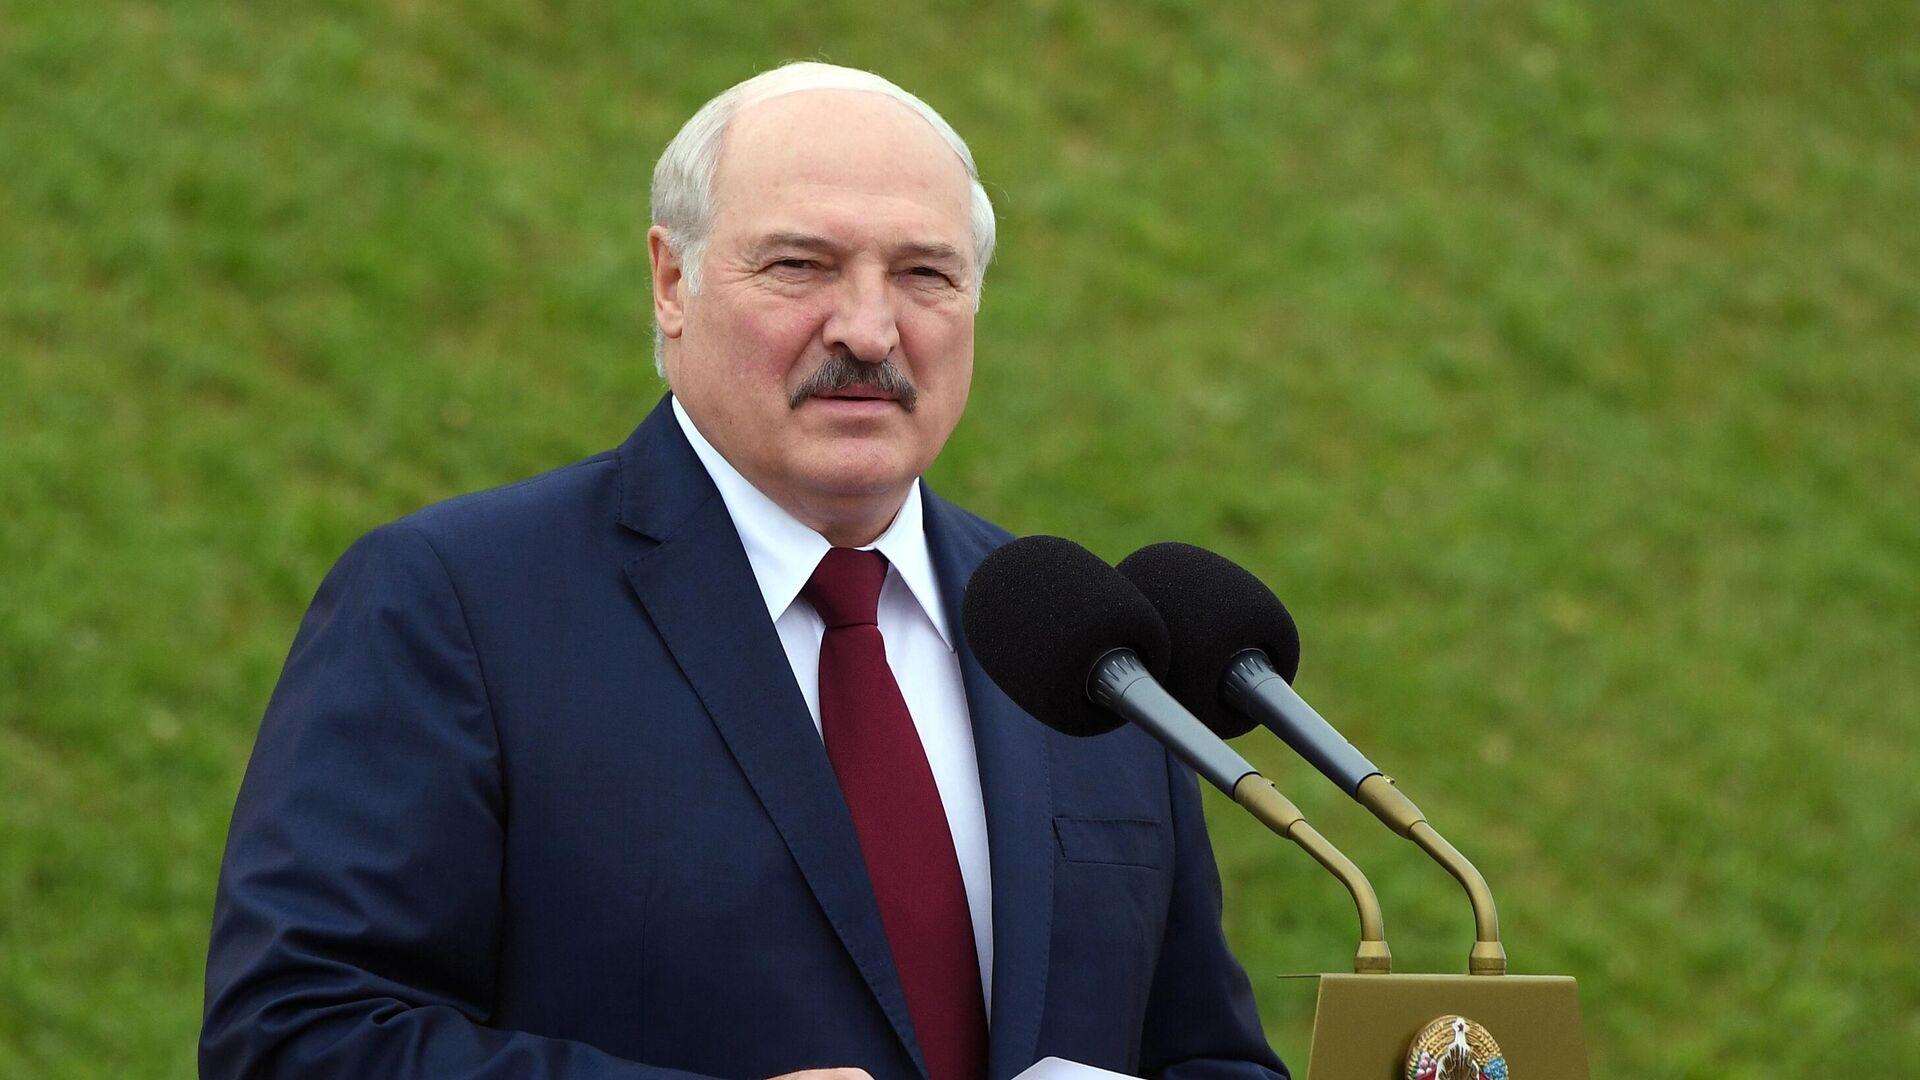 Президент Белоруссии Александр Лукашенко выступает на торжественном митинге, посвященном Дню независимости Белоруссии - РИА Новости, 1920, 21.07.2021